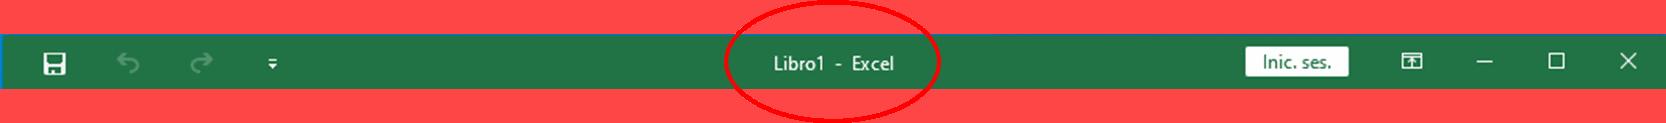 Barra de título Excel